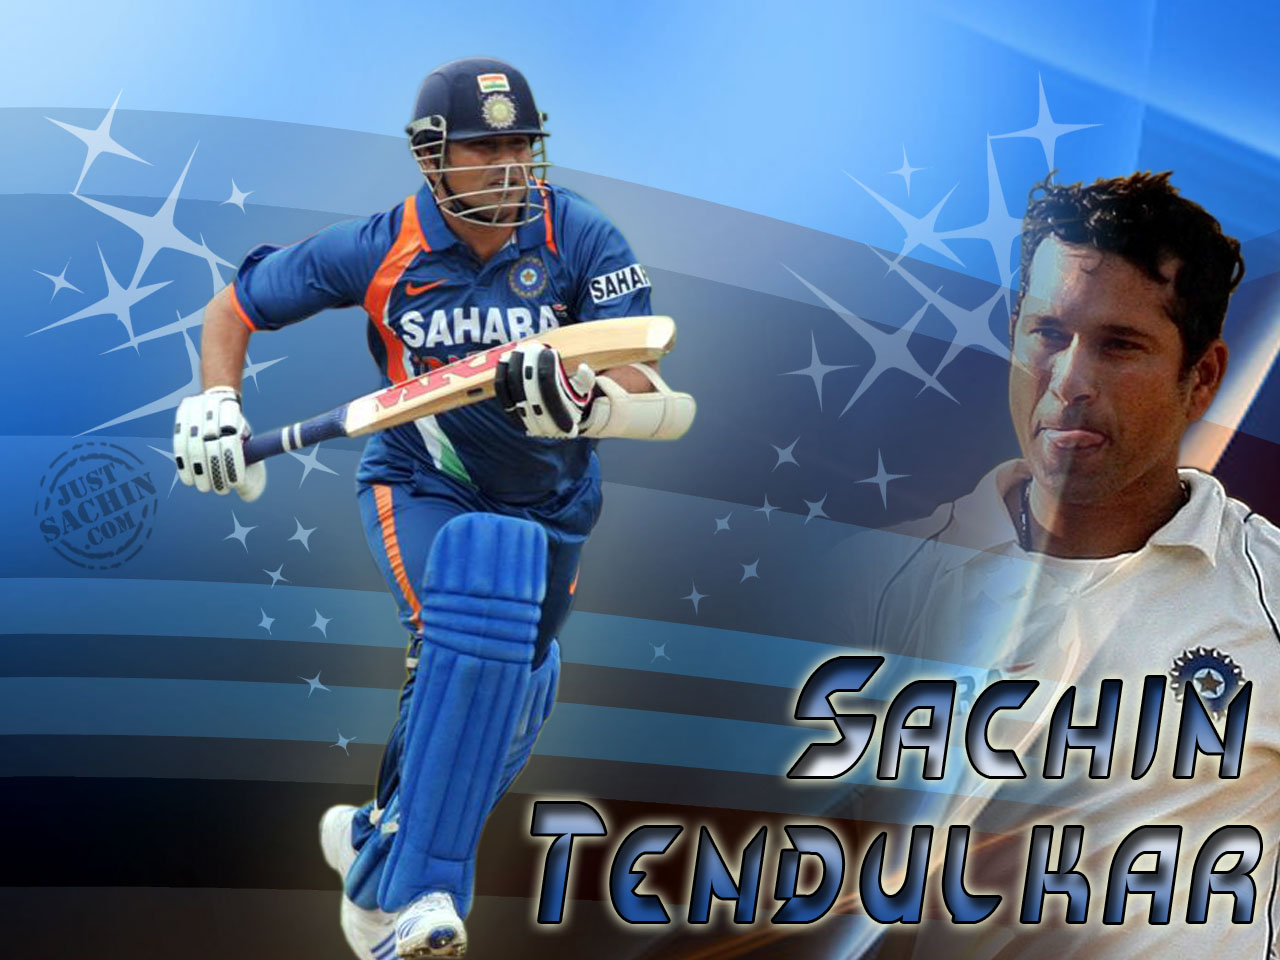 Cricket 2011 Worldcup Sachin Tendulkar Wallpapers